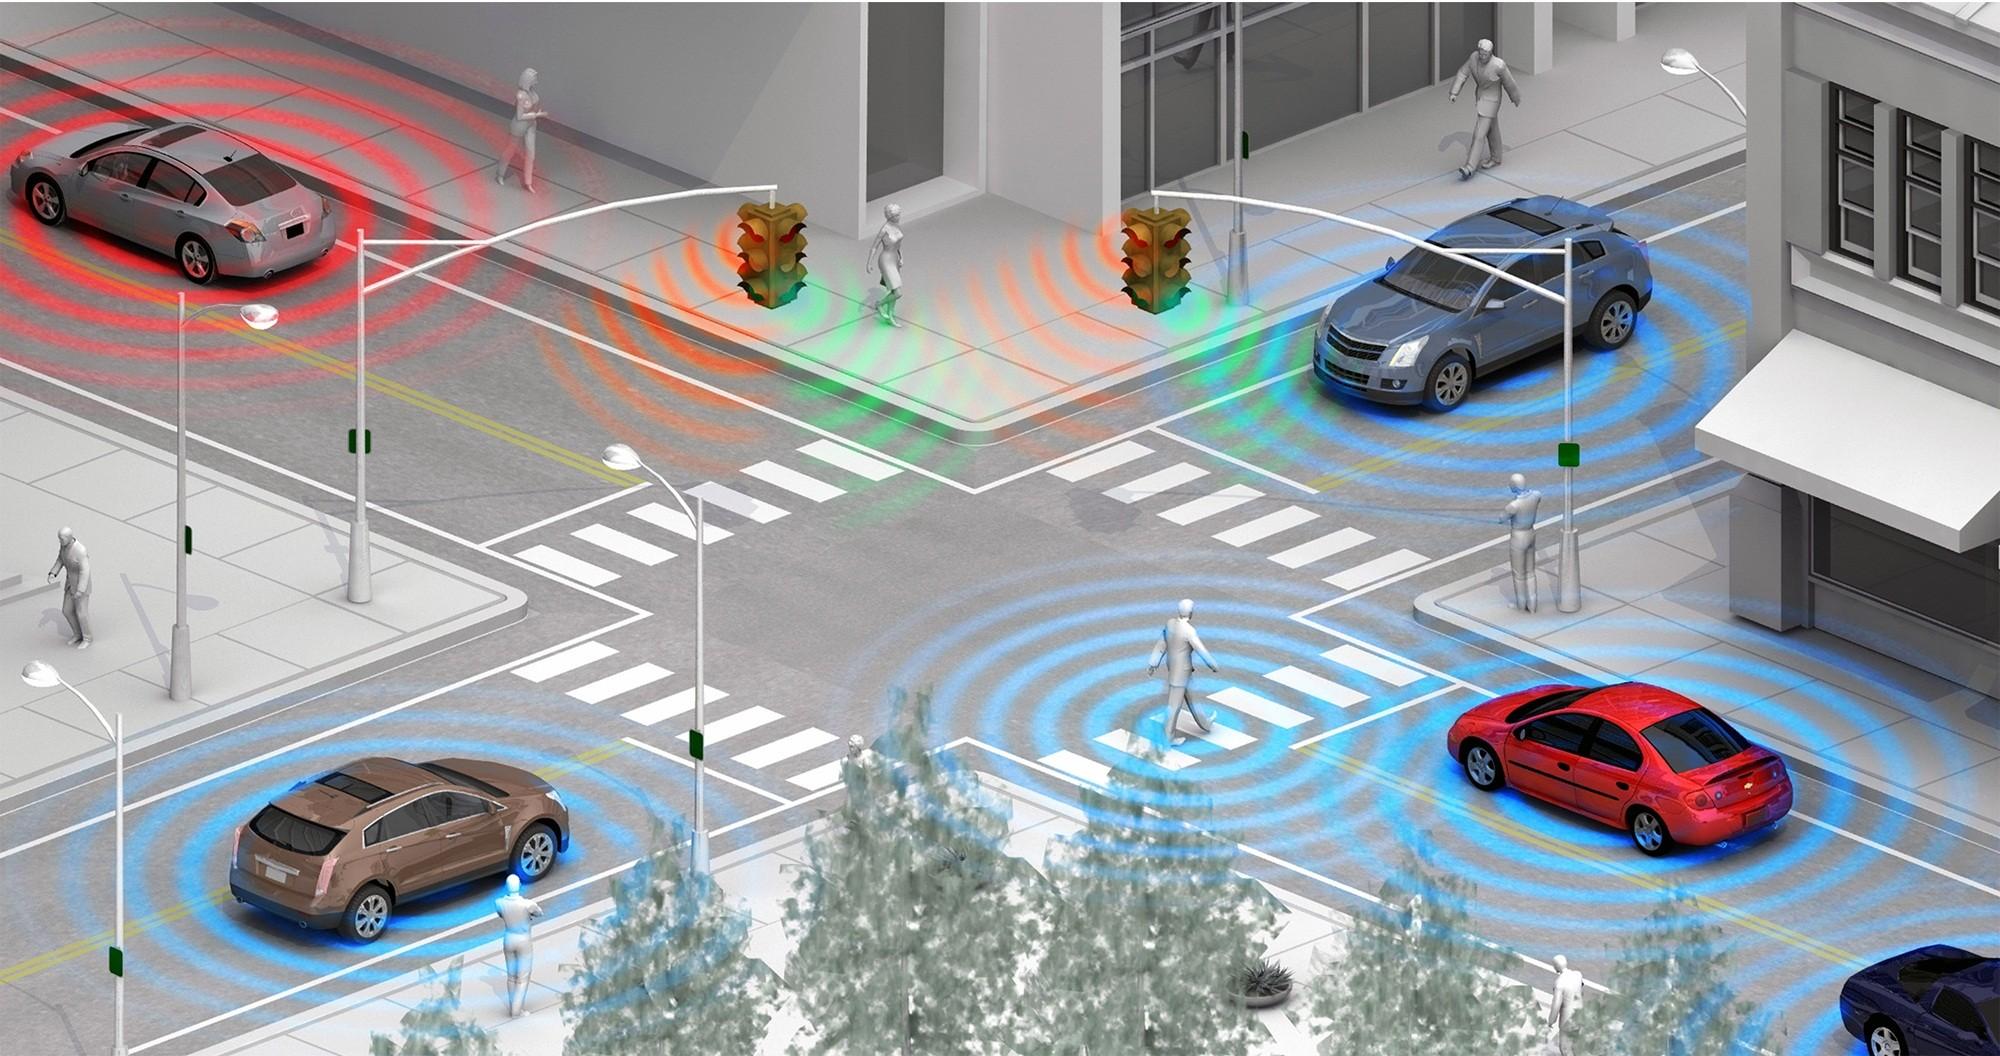 4 sistemas que podem aumentar a segurança no trânsito, Vehicle to Vehicle / V2V